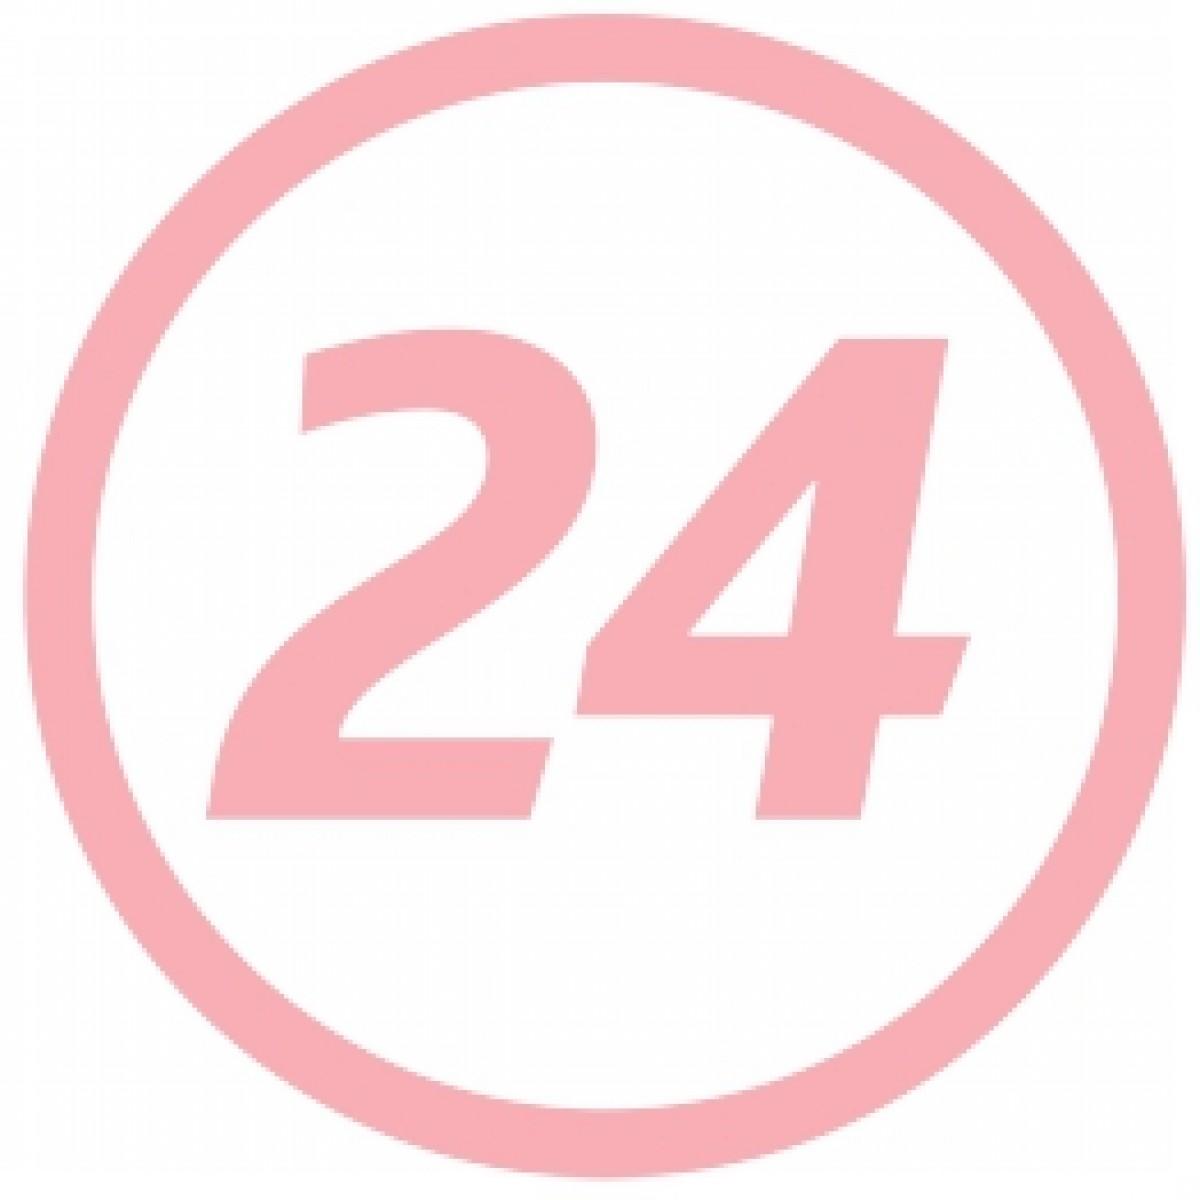 La Roche - Posay Hydreane Extra Riche Crema Hidratanta Pentru Ten Sensibil Si Ten Foarte Uscat Crema, Crema, 40ml